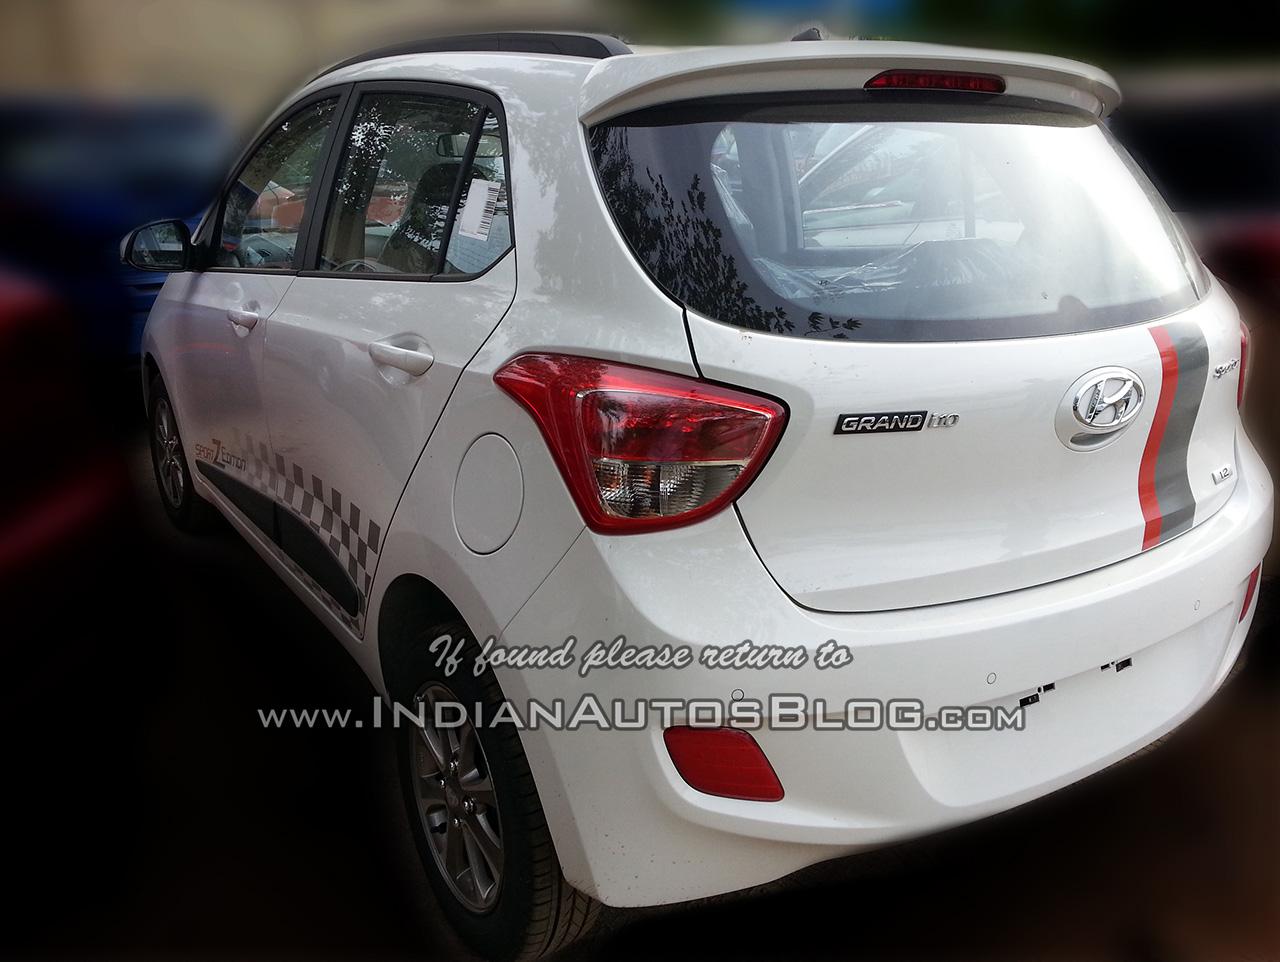 Hyundai Grand i10 SportZ edition rear three quarters left